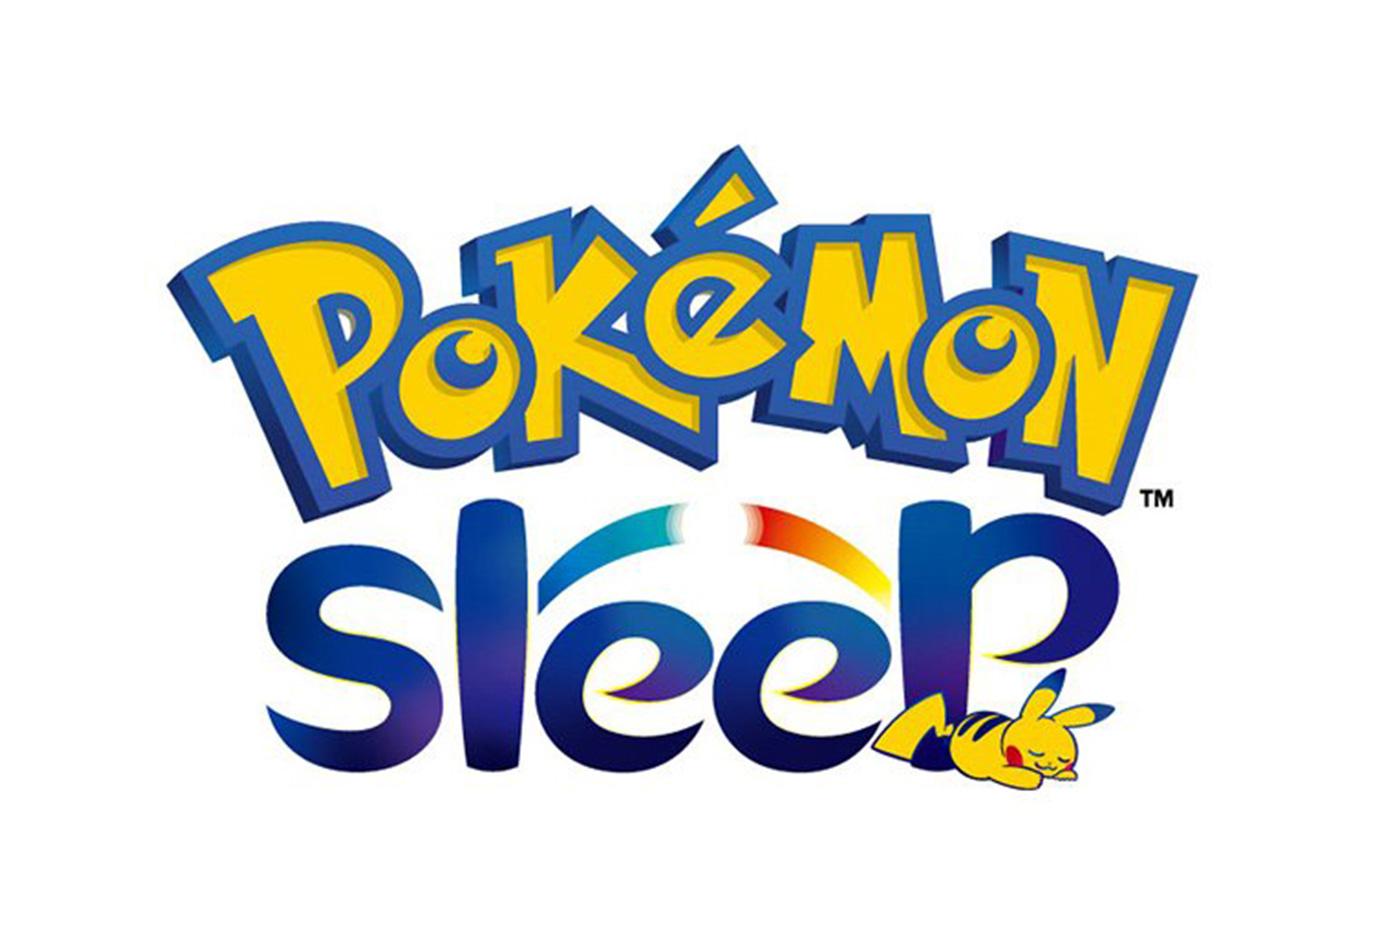 Pokemon Go Sleep